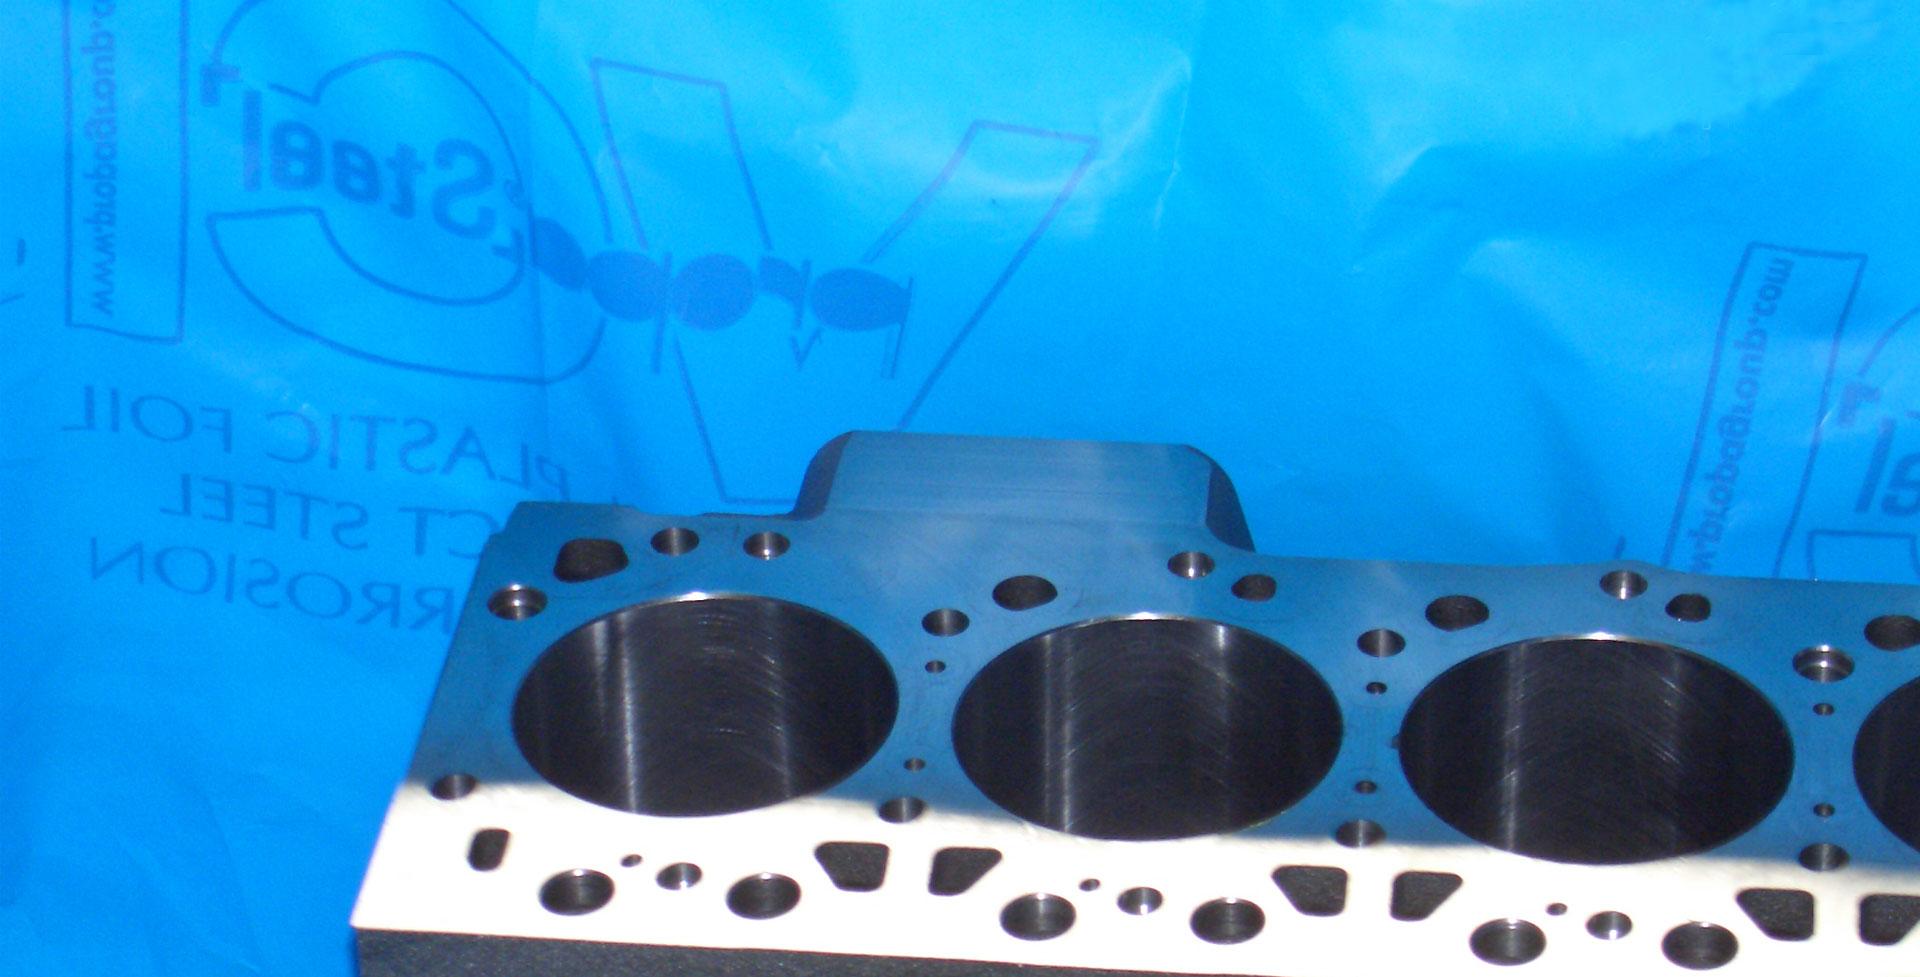 PROPASTEEL VCI високо устойчиво на корозия пластмасово фолио